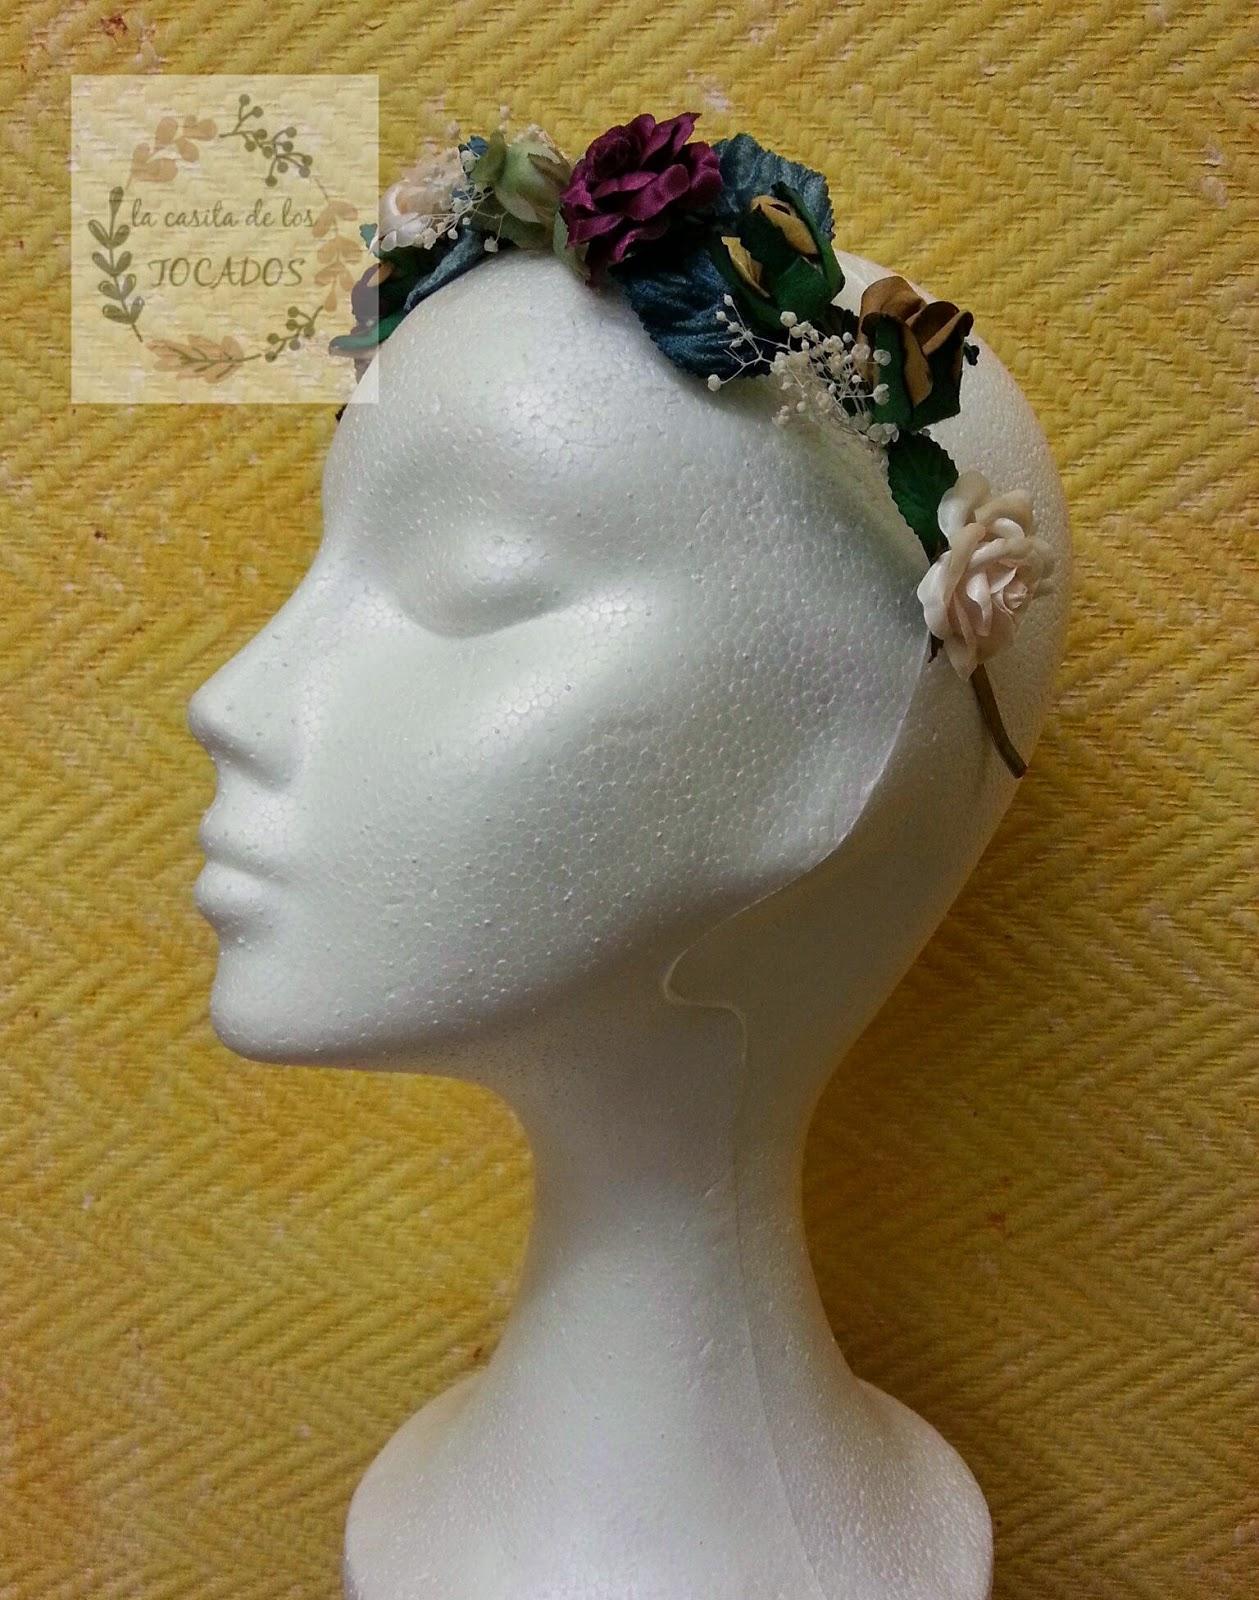 diadema original para boda en colores turquesa, burdeos, crudo y dorado